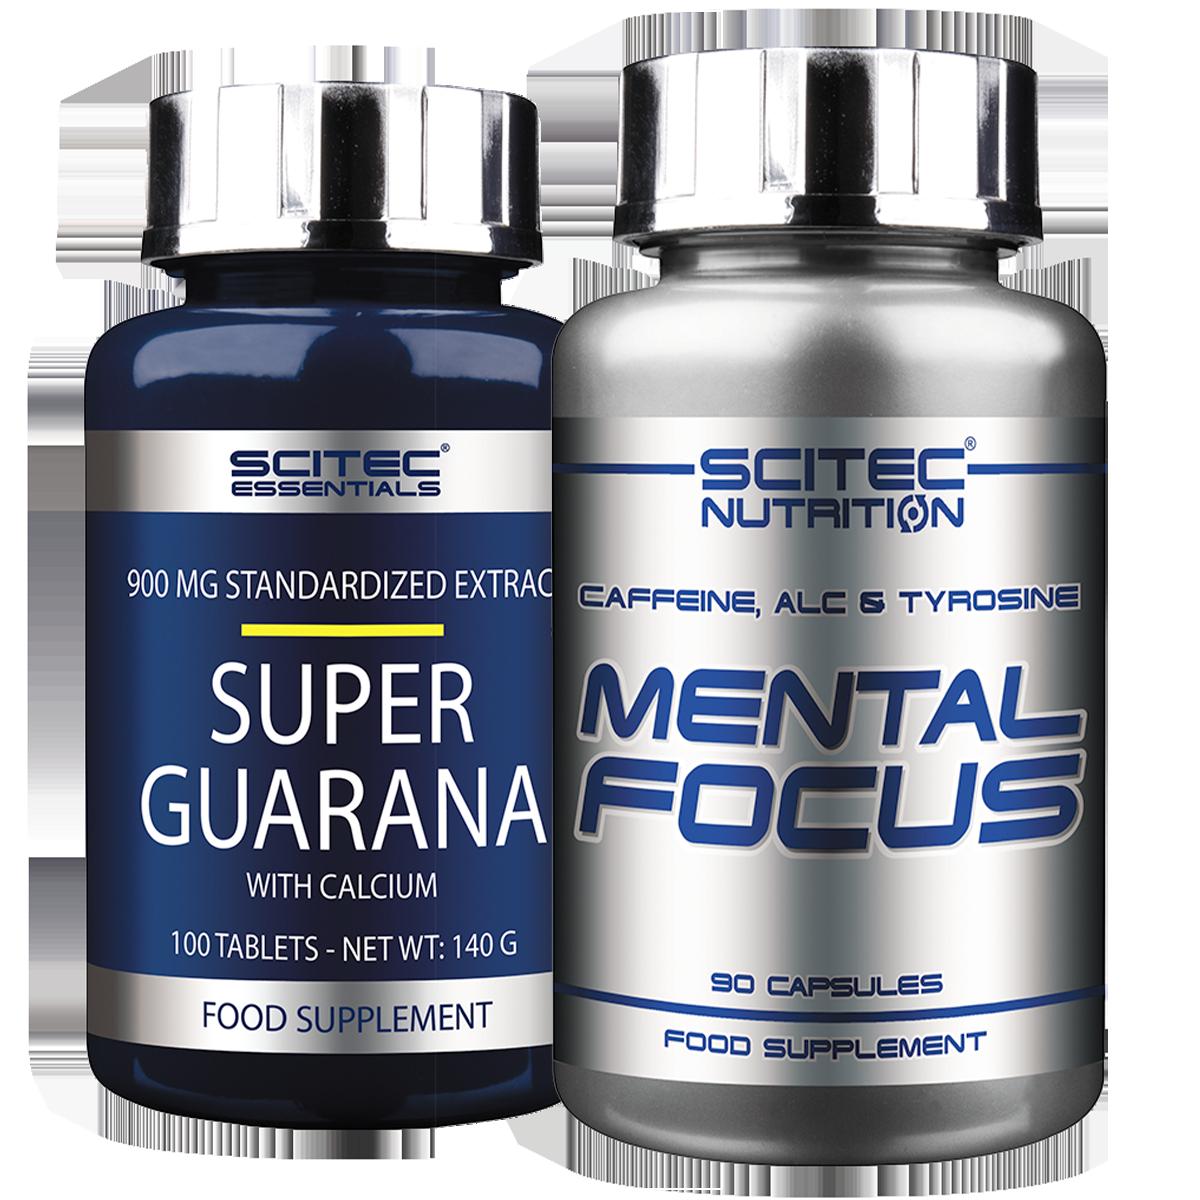 Scitec Nutrition Mental Focus + Super Guarana Set